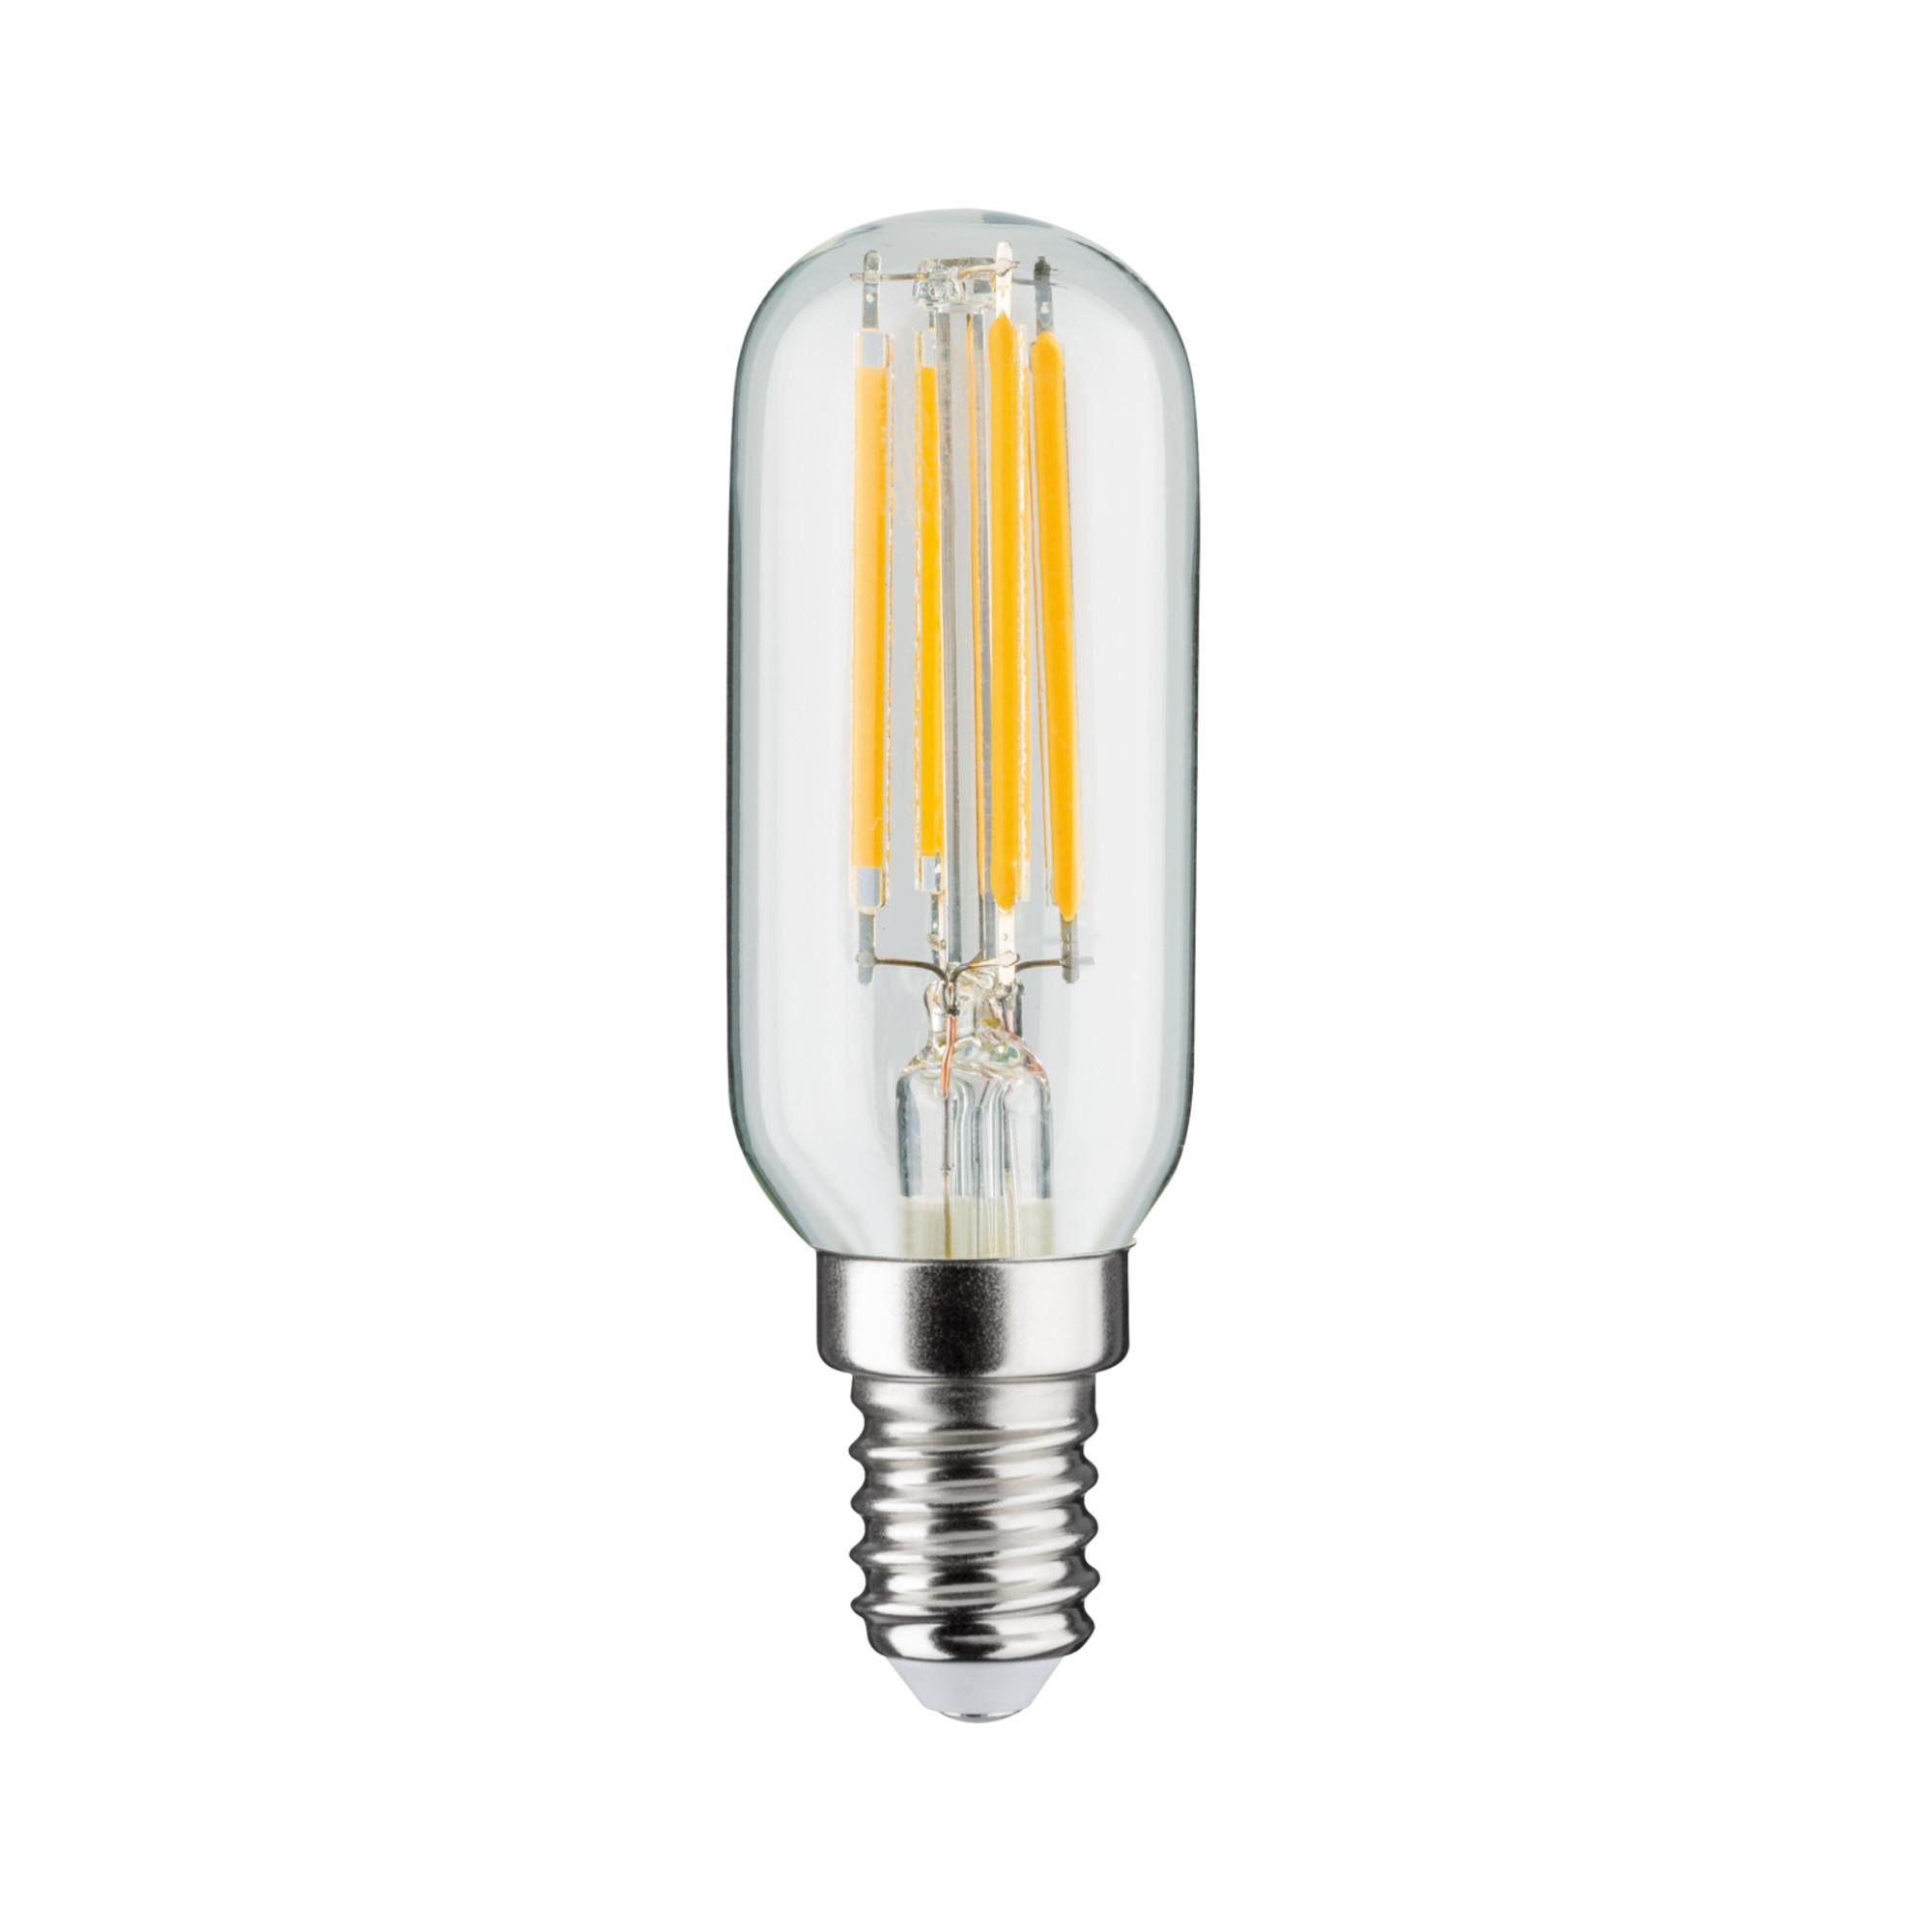 Лампа филаментная Paulmann Ретро Трубка 4.5Вт 470лм 2700К Е14 230В Прозрачный Регулируемая яркость 28506..